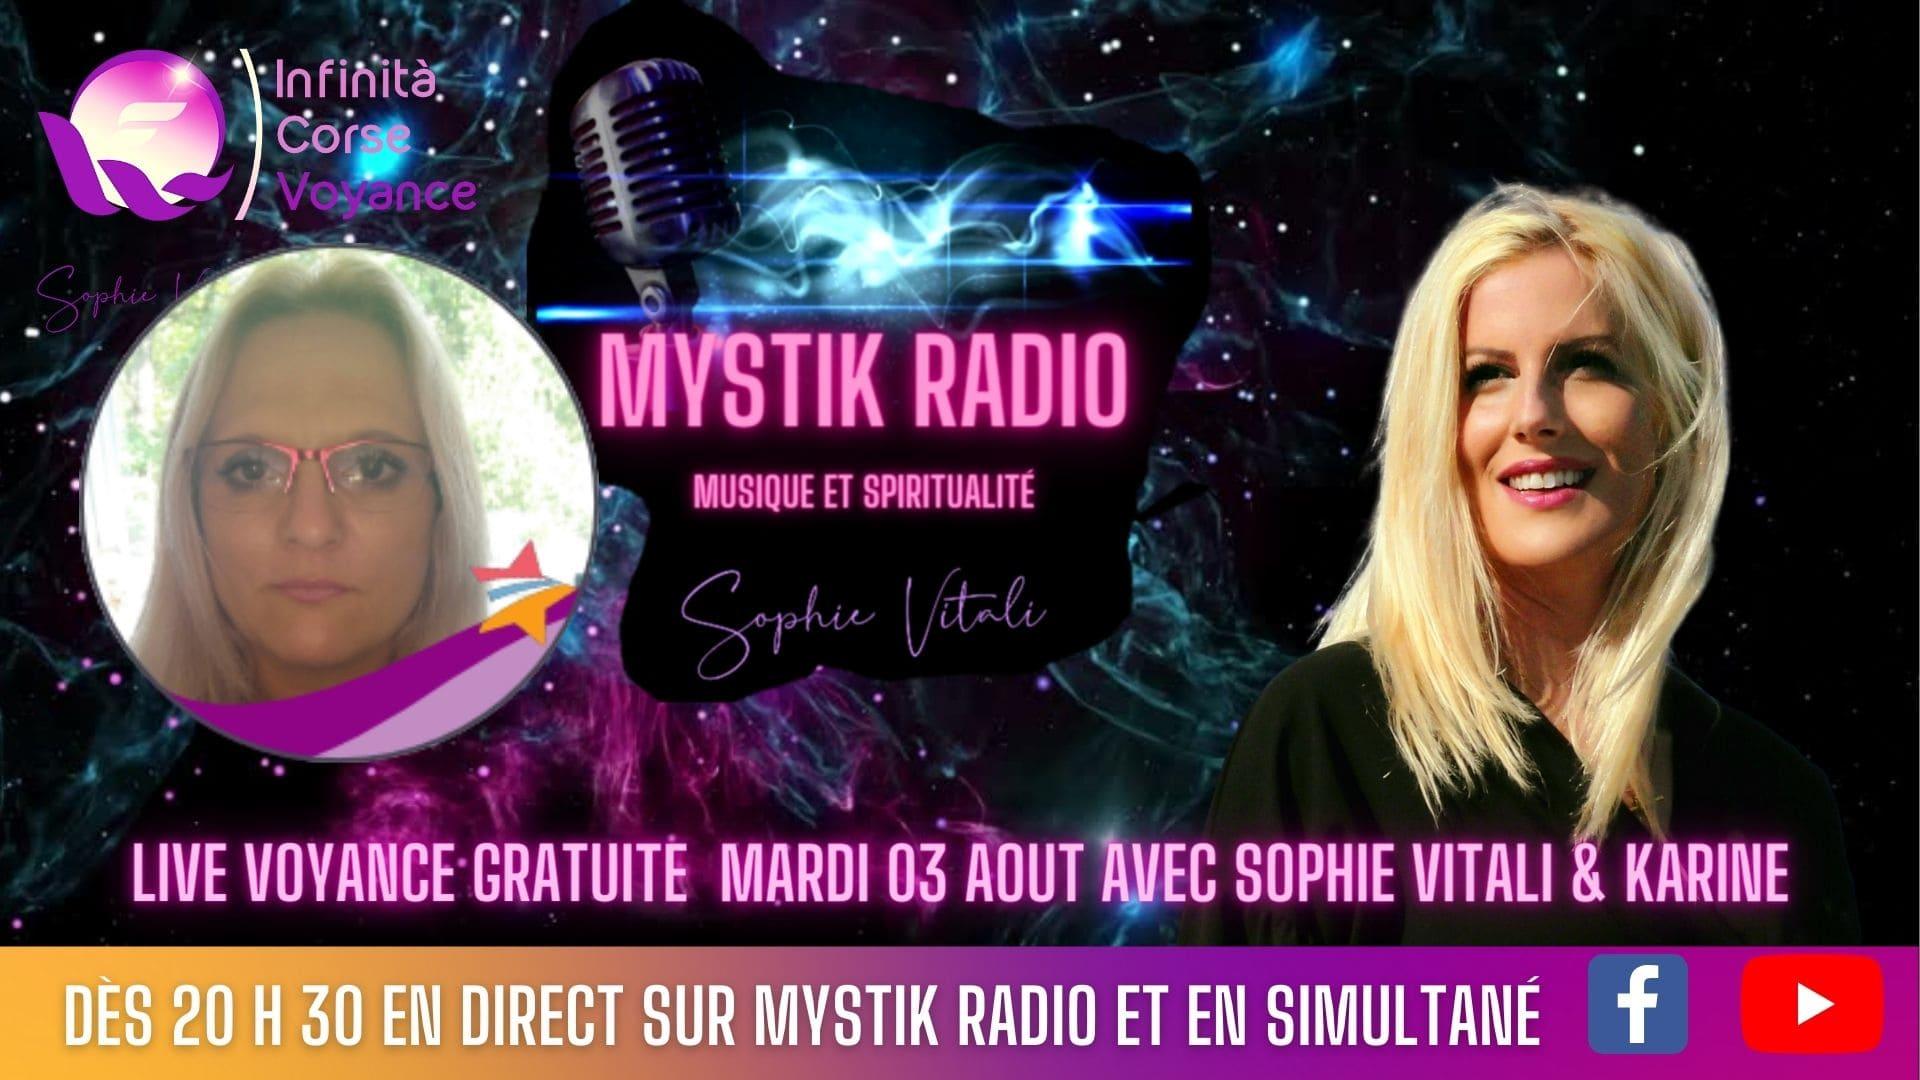 Nouveau live voyance gratuite avec Sophie Vitali célèbre médium et Karine médium cartomancienne en direct sur Mystik Radio